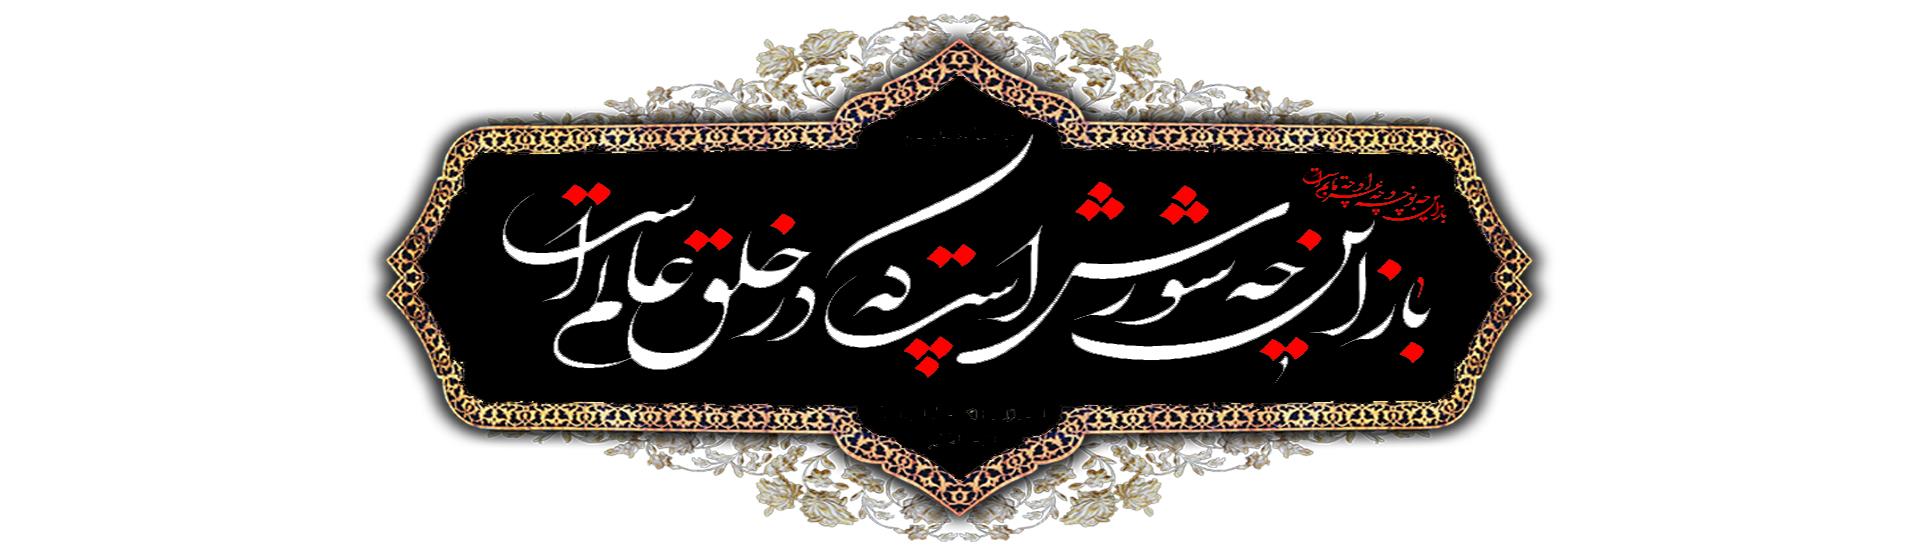 فرا رسیدن ایام عزاداری سید الشهدا بر تمام شیعیان تسلیت باد.